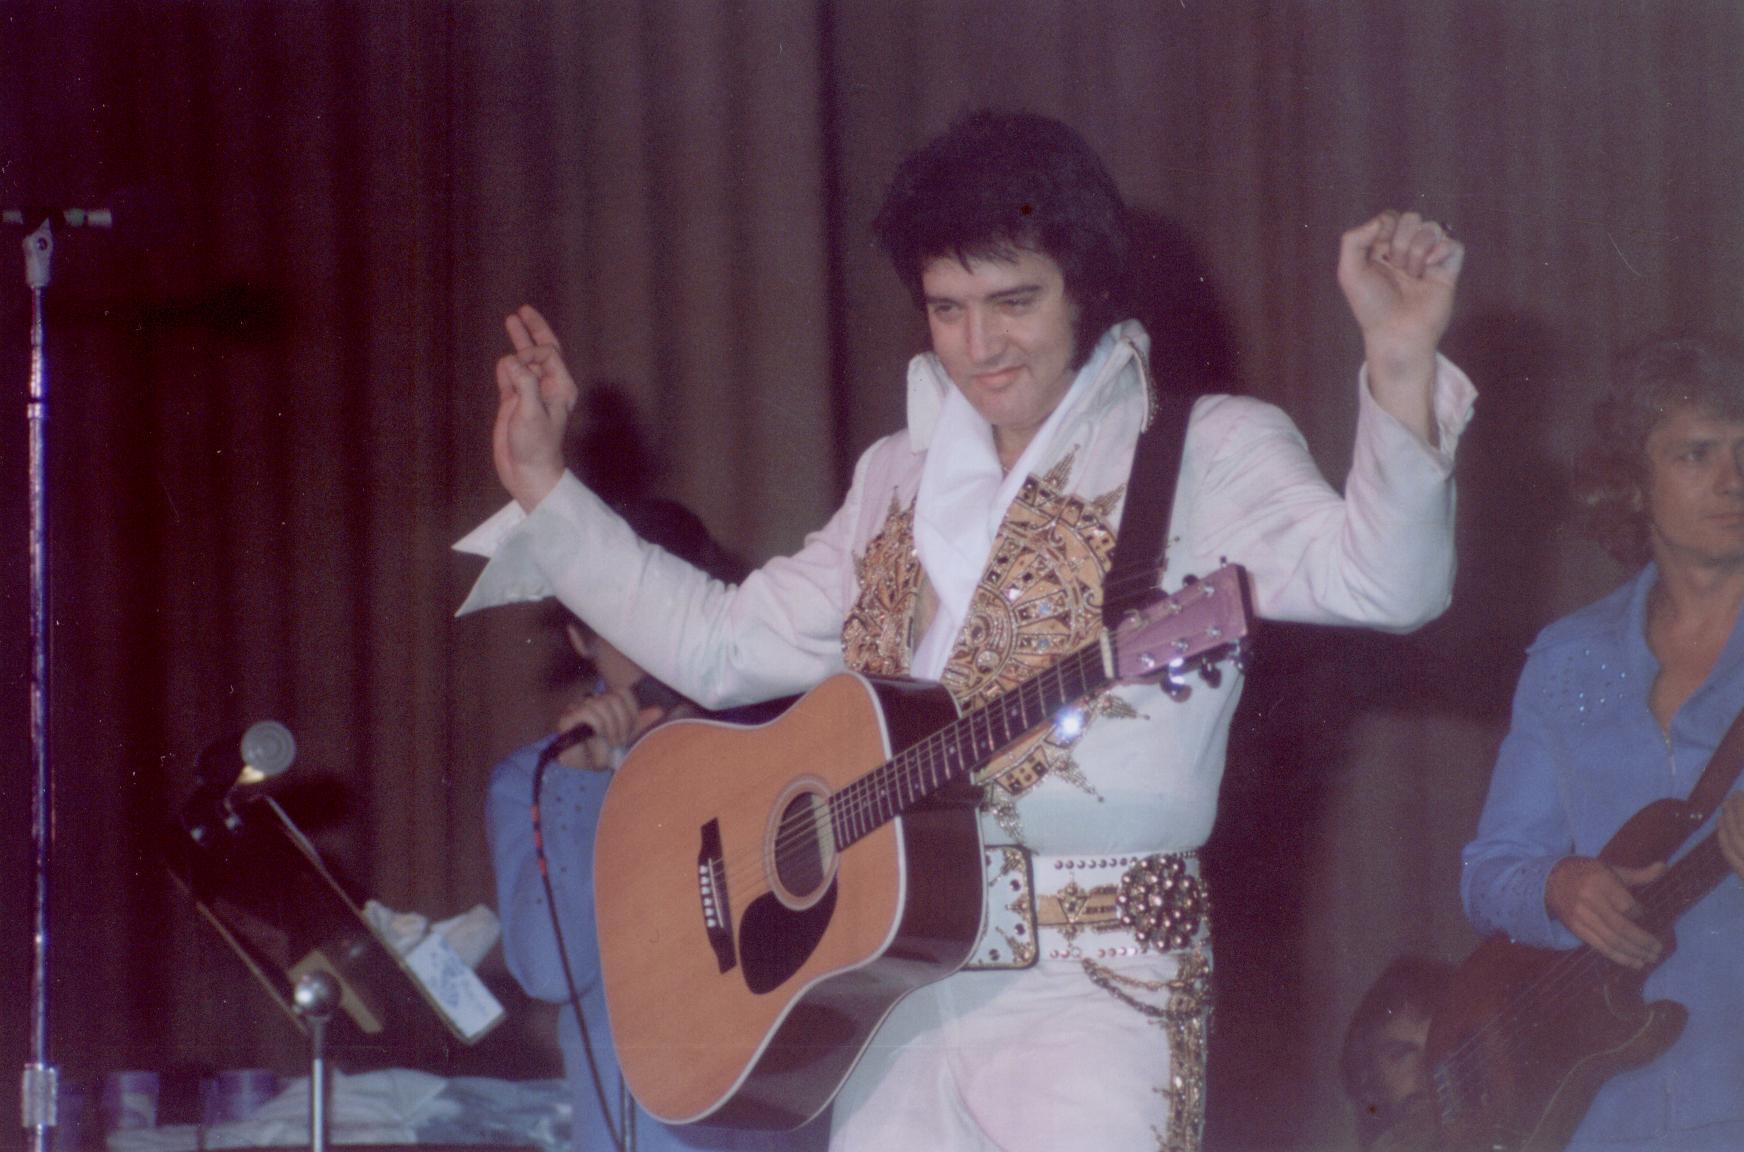 Image result for elvis presley march 29, 1977